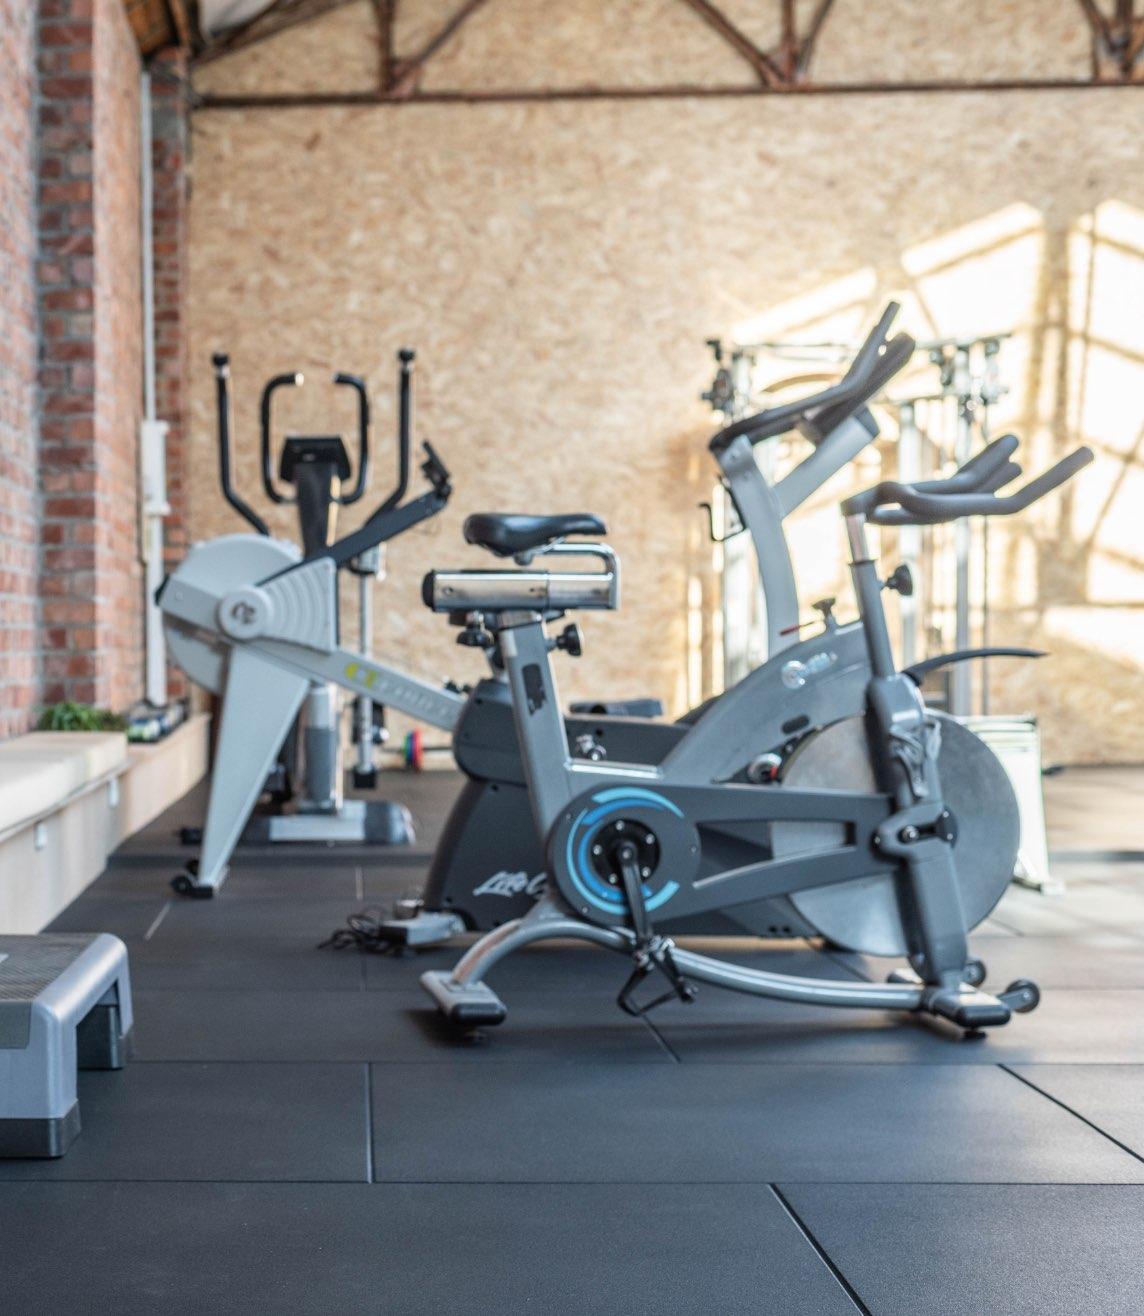 Foto van fitnesstoestellen, verschillende fietsen.